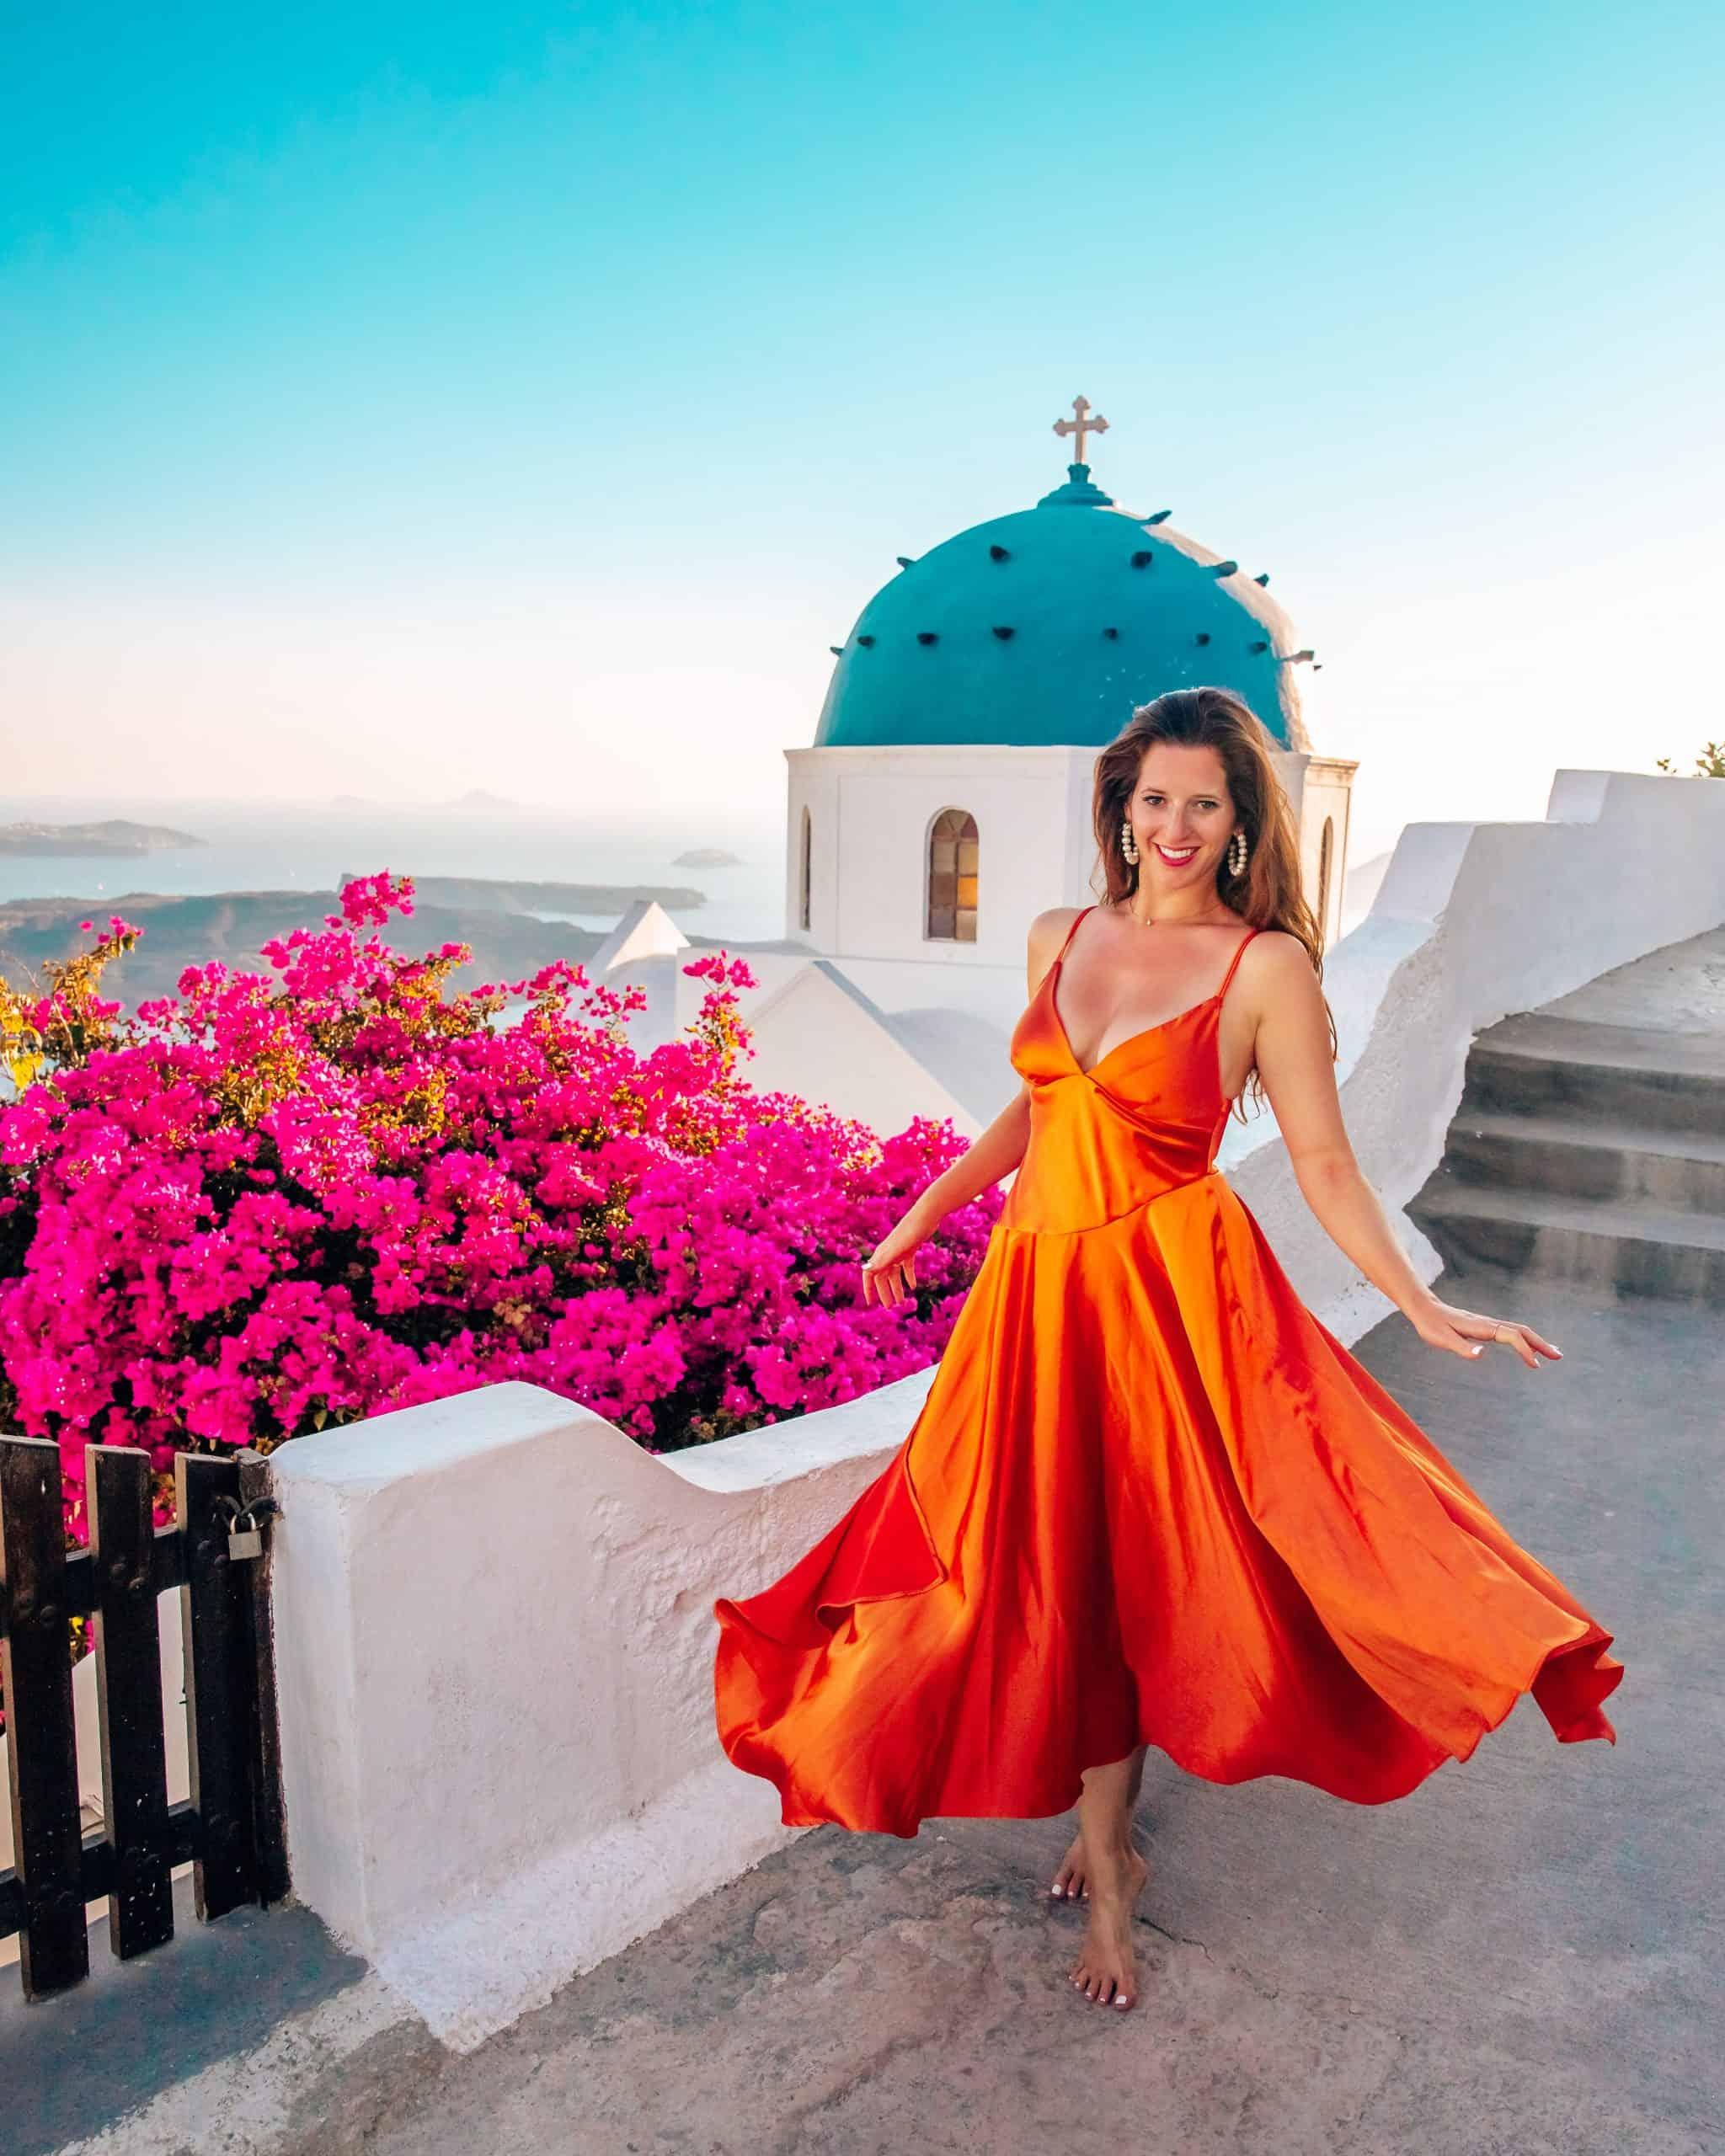 Bettina in Orange Dress at Blue Dome Church in Imerovigli, Santorini